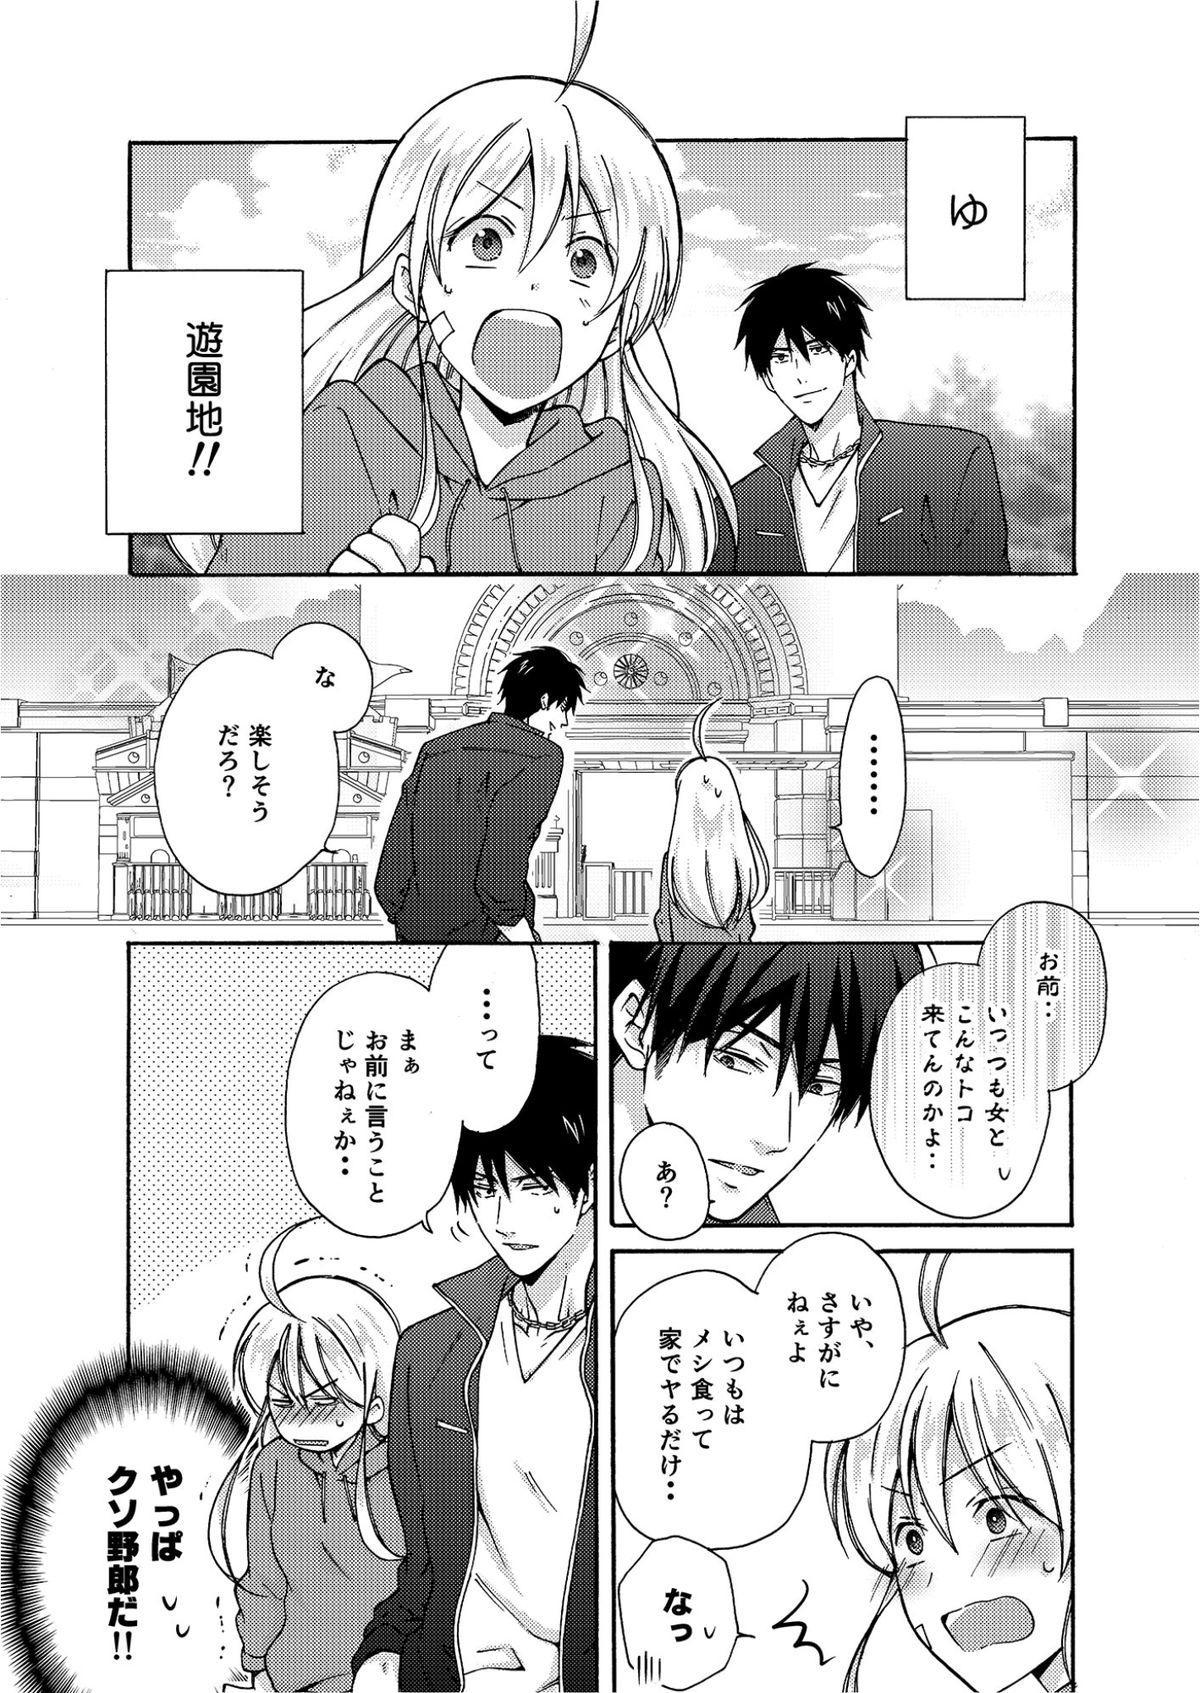 Nyotaika Yankee Gakuen ☆ Ore no Hajimete, Nerawaretemasu. 4 11